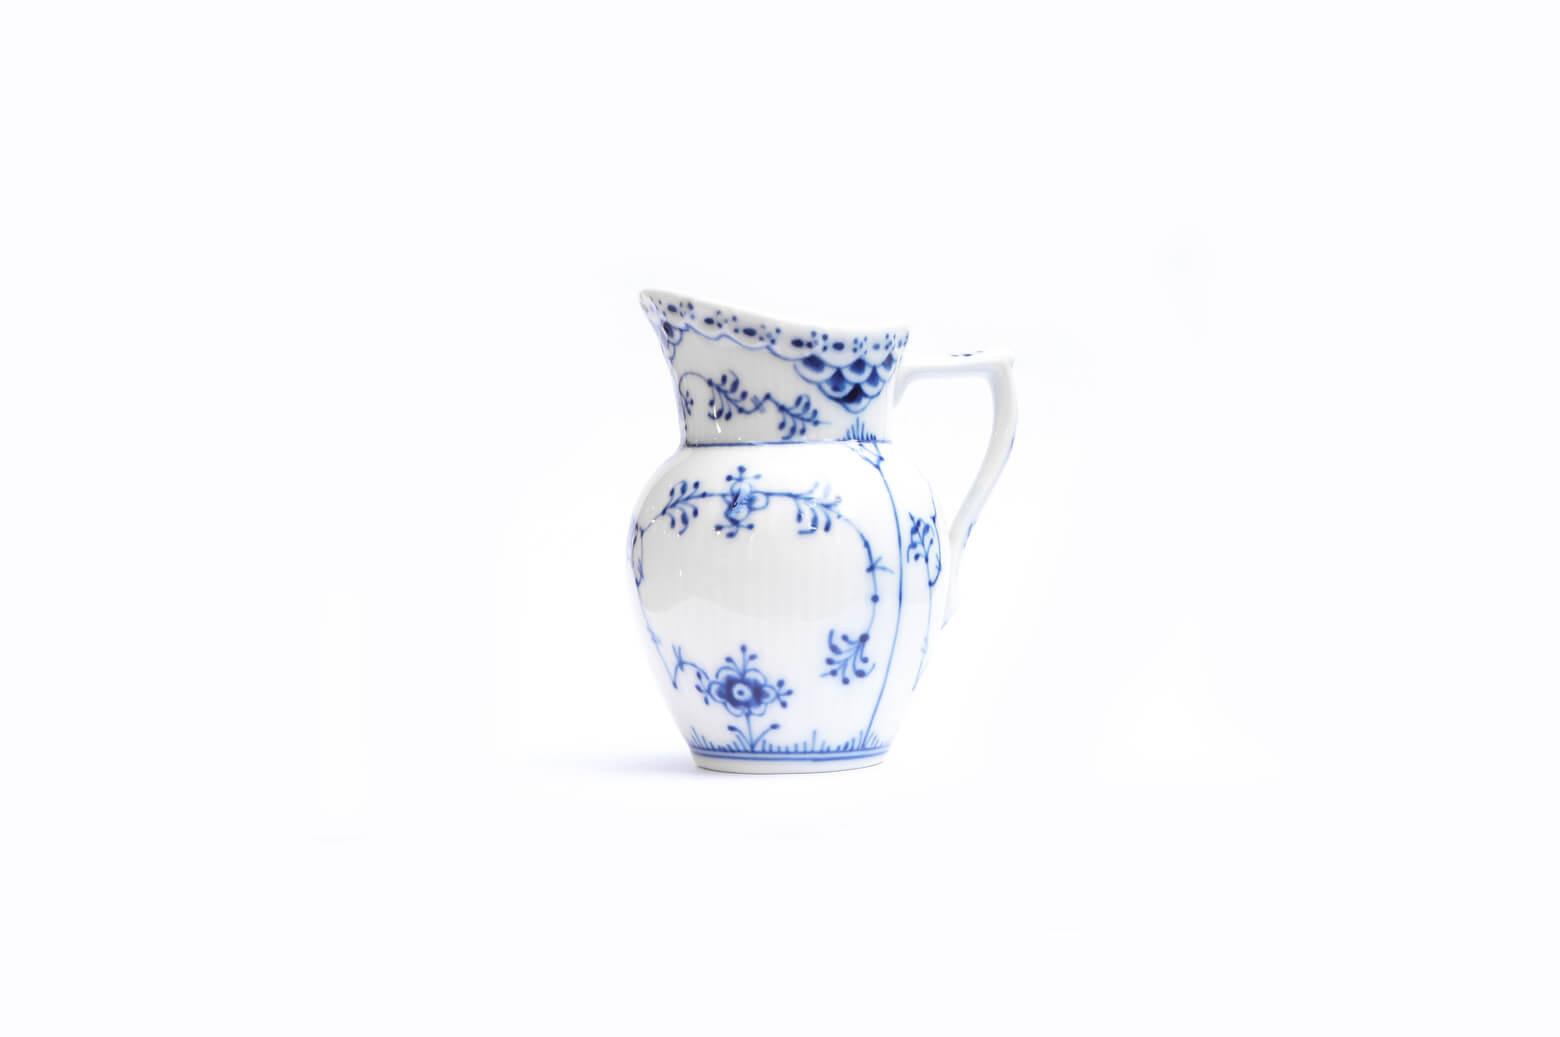 ロイヤルコペンハーゲン ブルーフルーテッド ハーフレース クリーマー 北欧食器/Royal Copenhagen Blue Fluted Half Lace Creamer